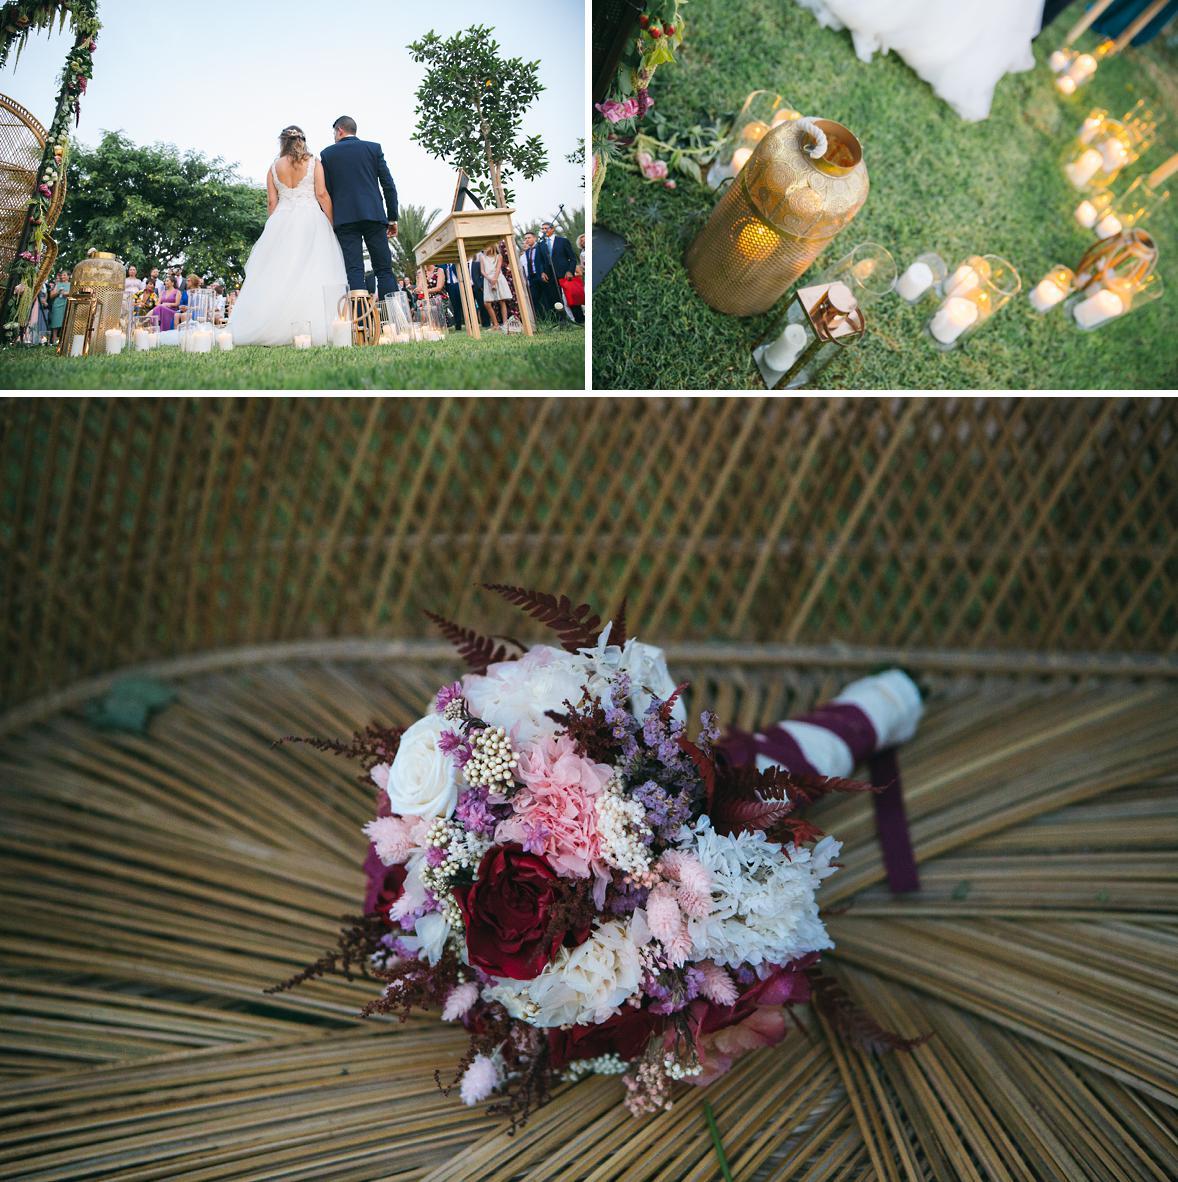 fotografos-boda-finca-roalet-de-kiko-Doblexposicion_0048